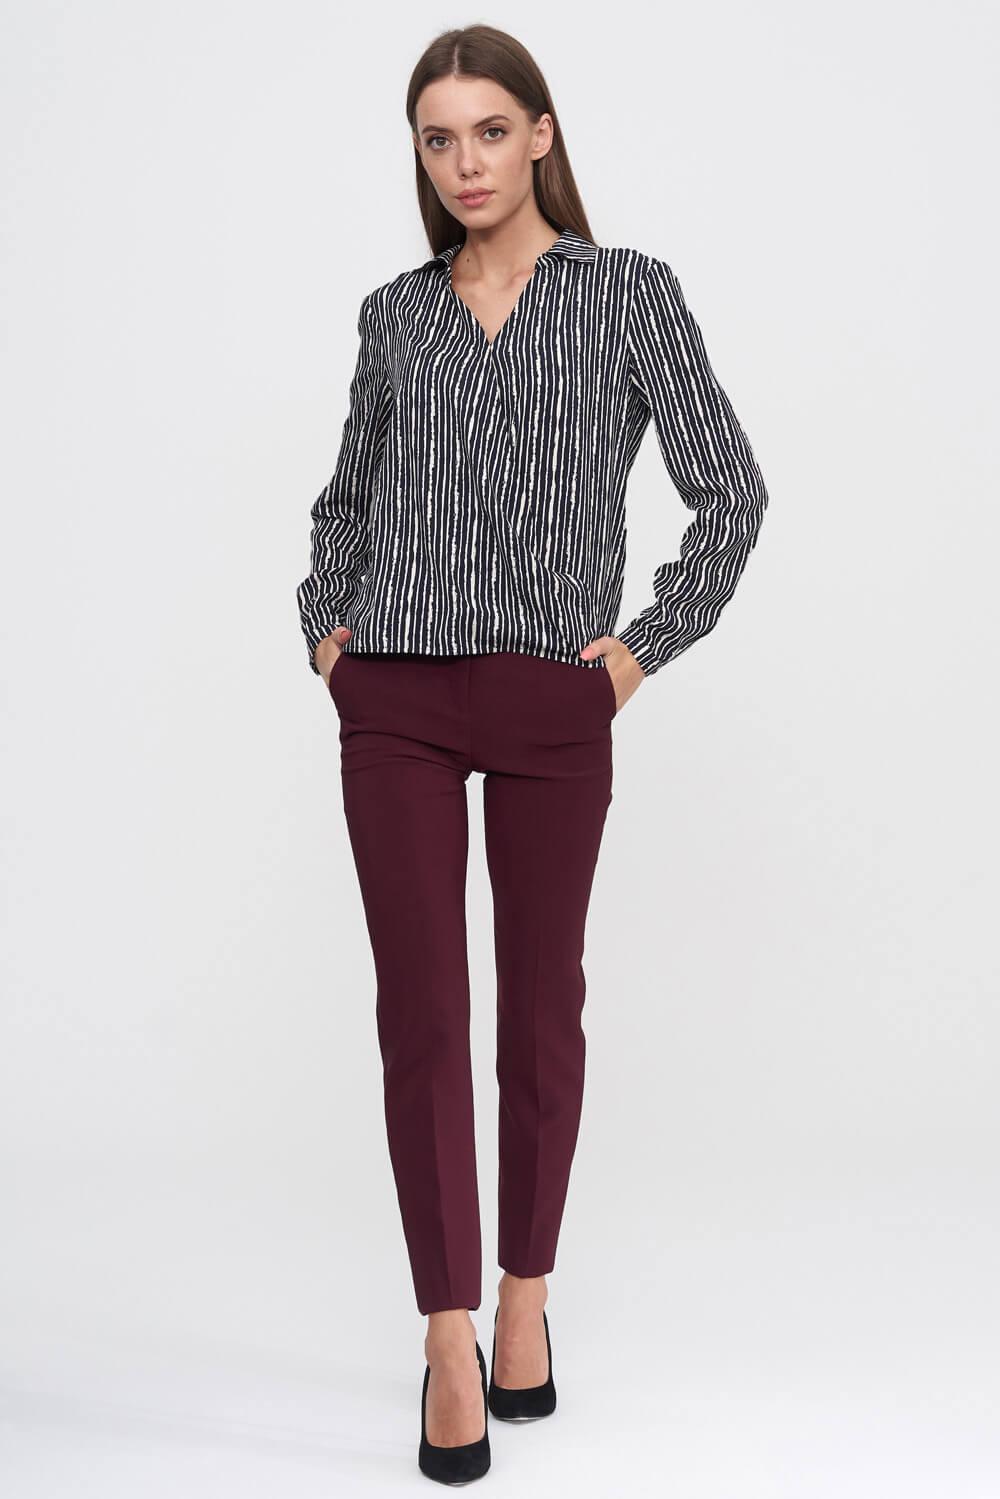 Блуза женские Natali Bolgar модель 19039VIS44 , 2017